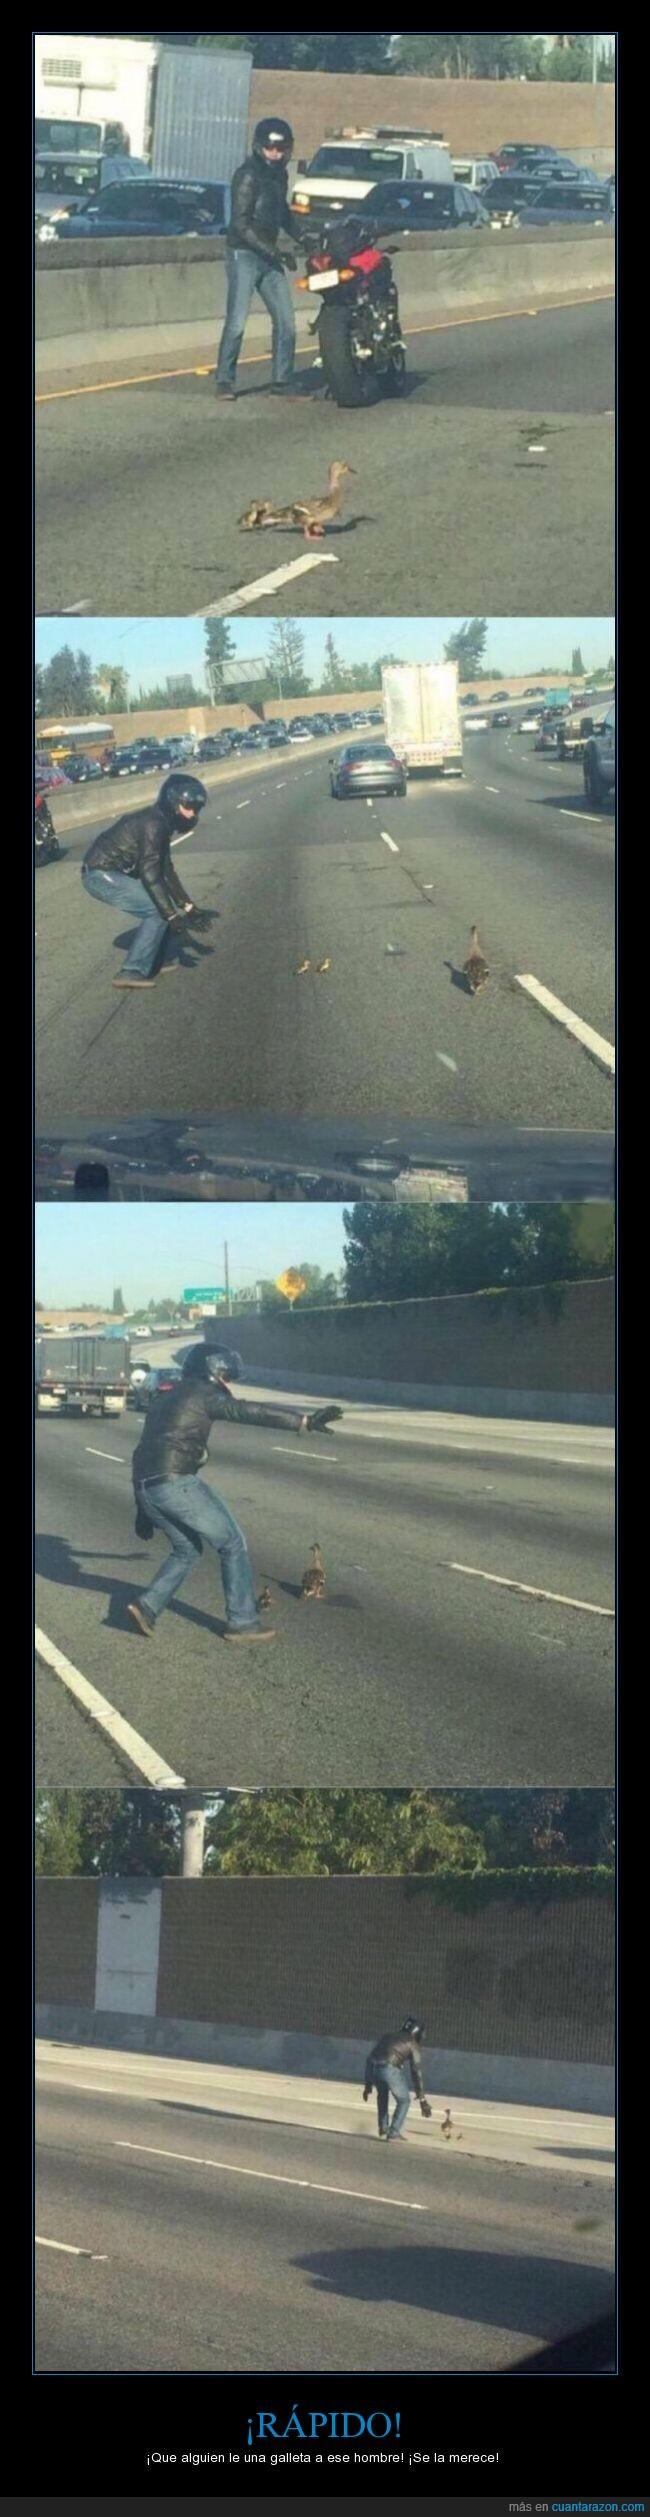 aves que no vuelan por eso cruzan la calle a pie,ayudar,carretera,cruzar,galeta,gansos,hombre,la peor madre del mundo,madre,motorista,pasar,pato,patos